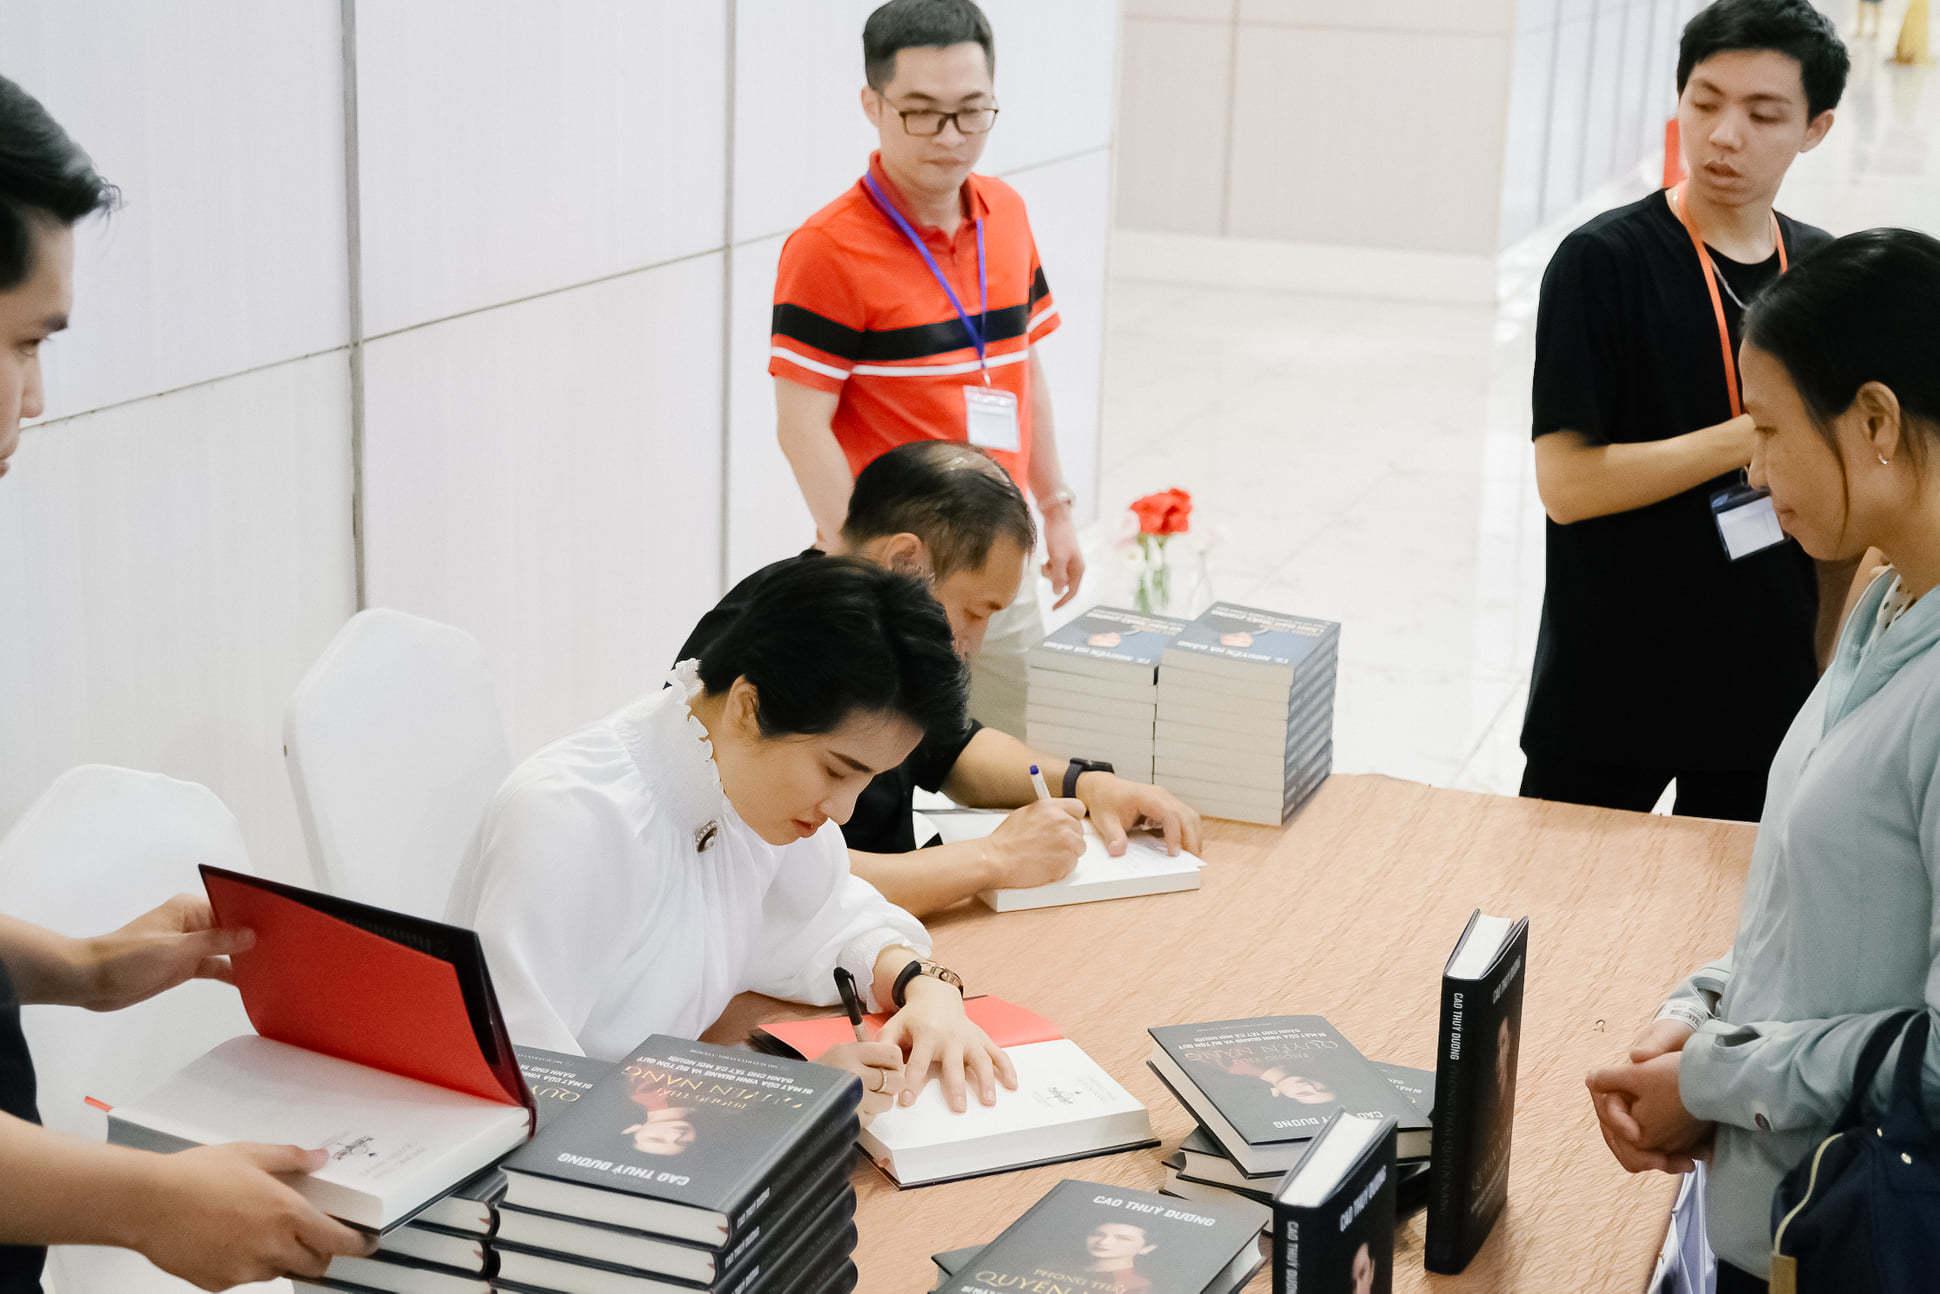 Sách của Cao Thùy Dương vừa ra đã hết sạch 3000 cuốn